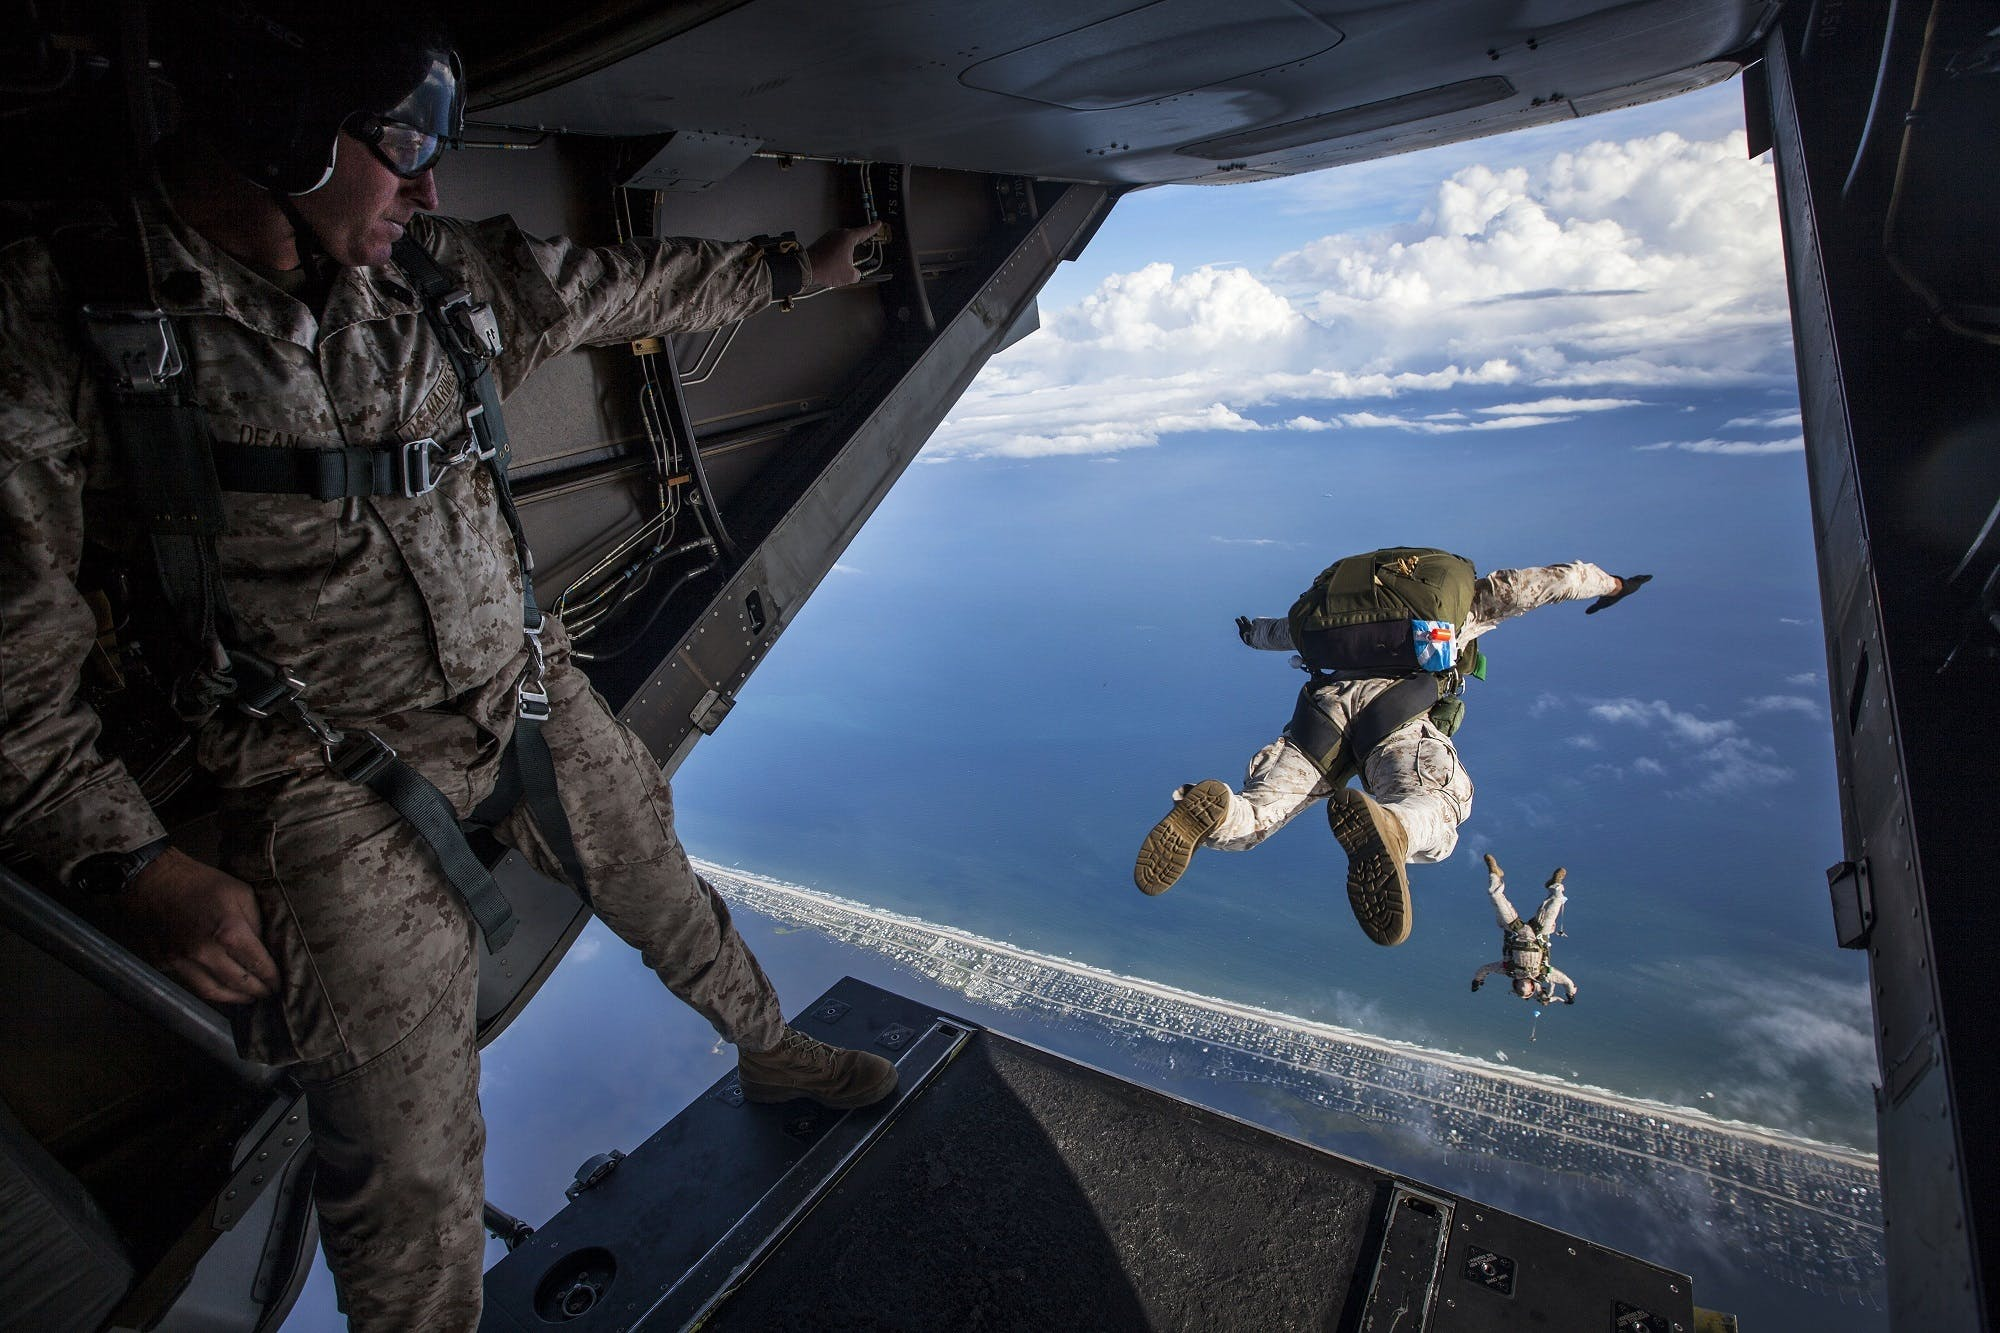 スカイダイバー, スカイダイビング, パラシュート, パラ救助者の無料の写真素材